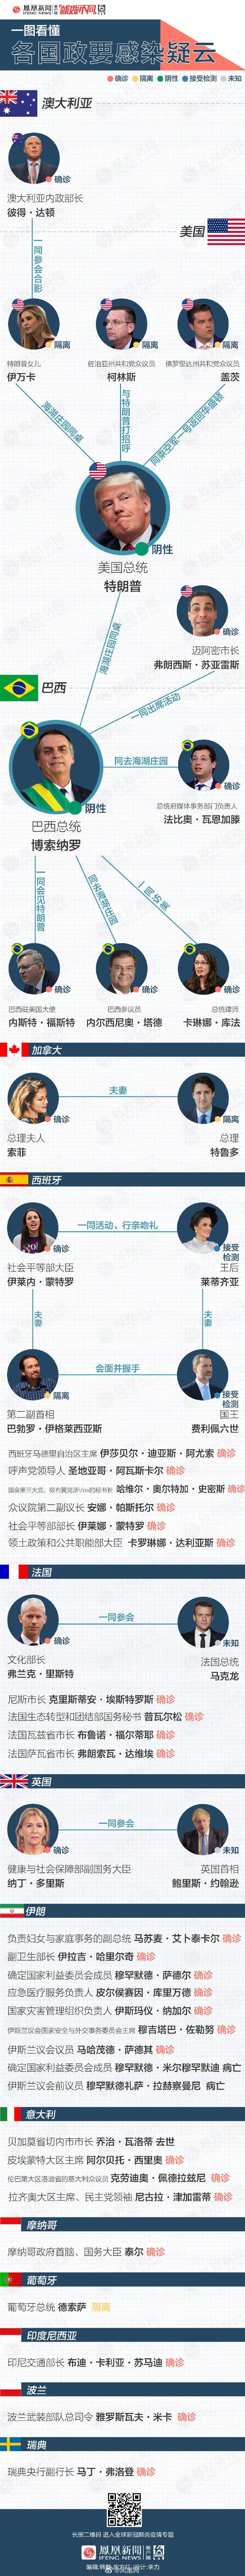 日刊:腐团儿ikaros 黑料视频是真是假?腐团儿 被谁盯上了? liuliushe.net六六社 第30张